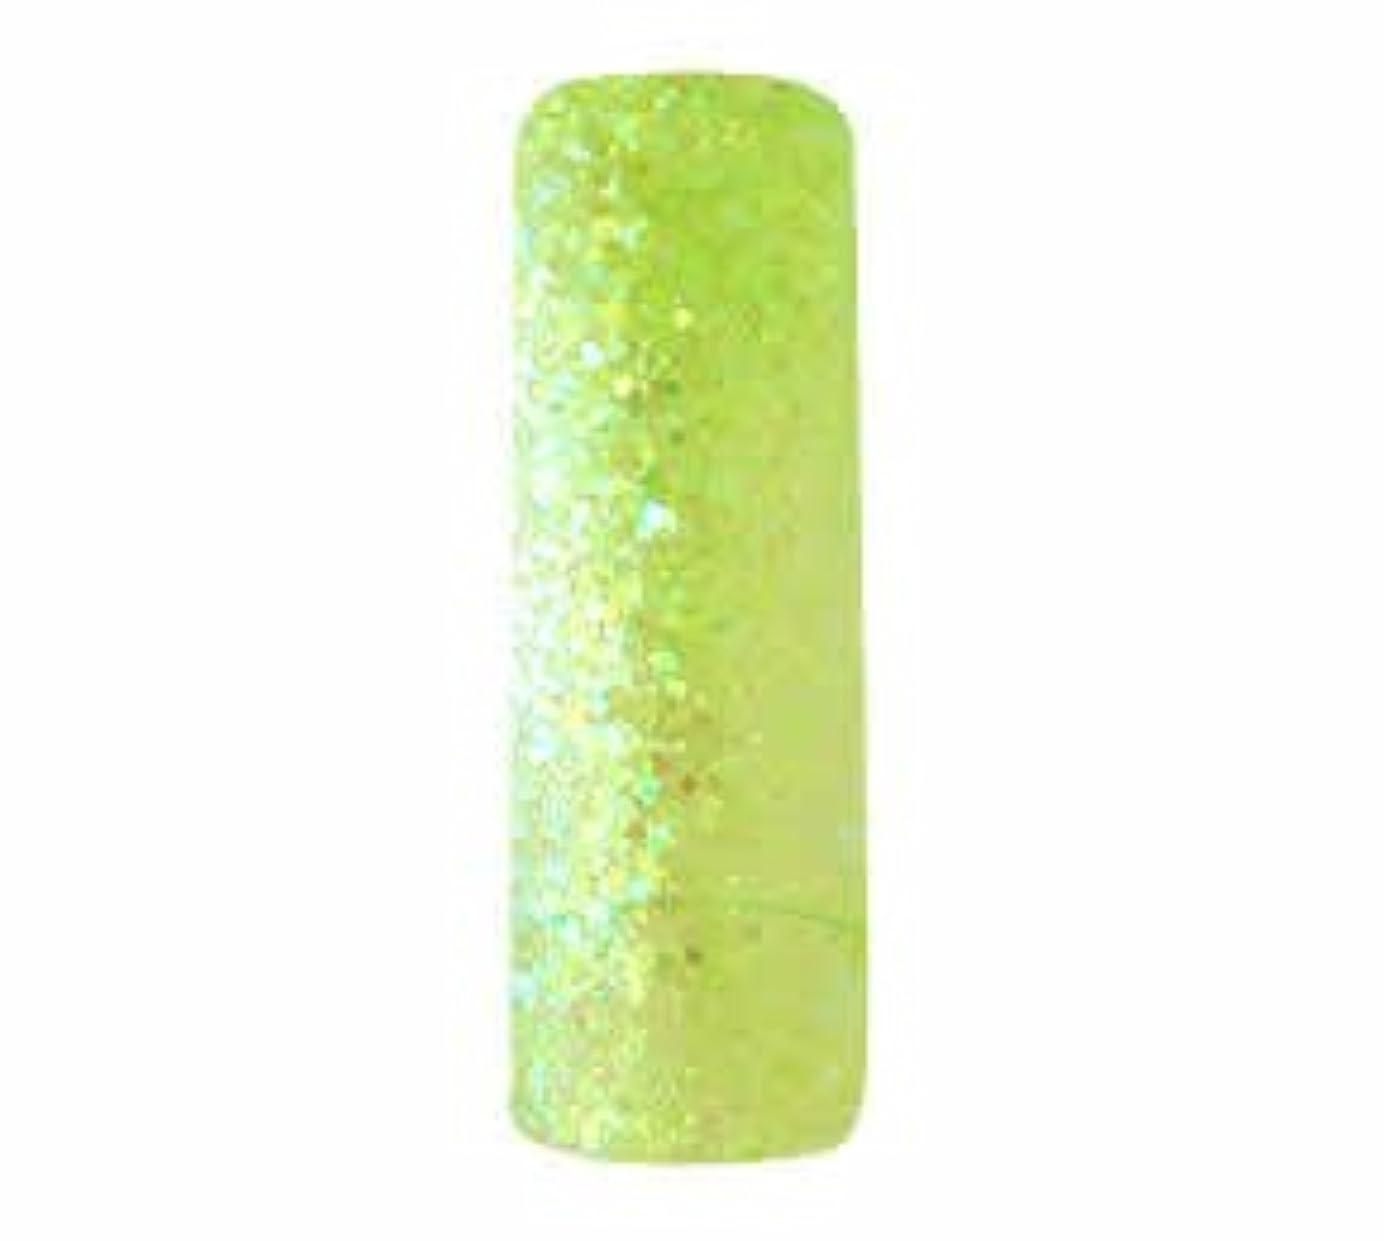 滅多強調小麦粉CHRISTRIO ジェラッカー 7.4ml 252 グレイジングライム